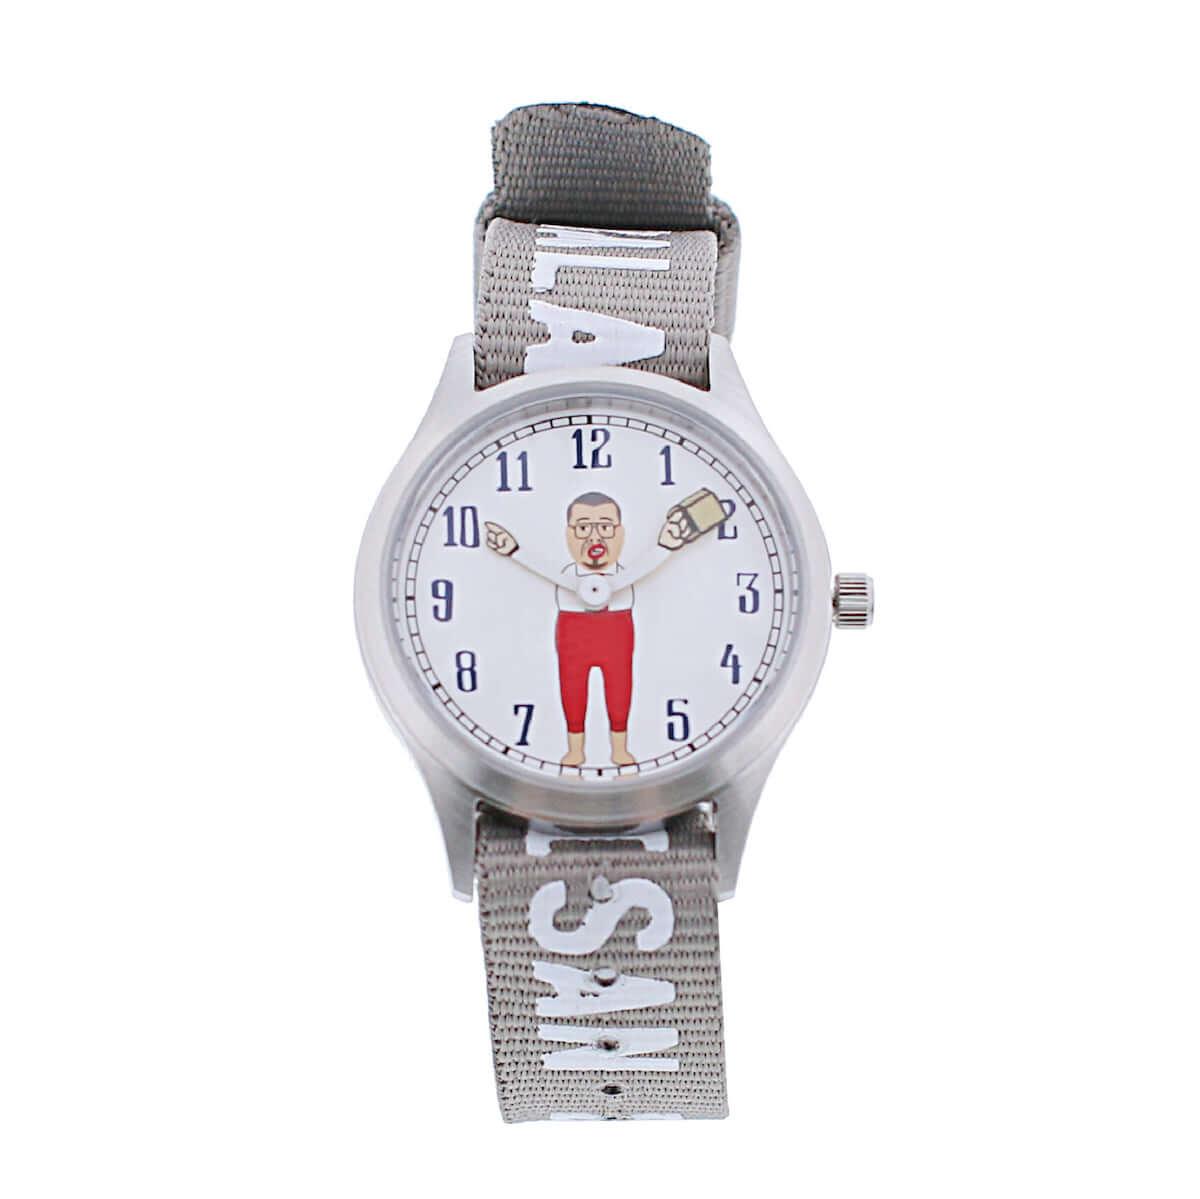 腕時計「TiCTAC」と野生爆弾くっきーのコラボ「ミスティ」と「バランスおじさん」の2種が限定発売 art-culture190109-tic-tac-7-1200x1199